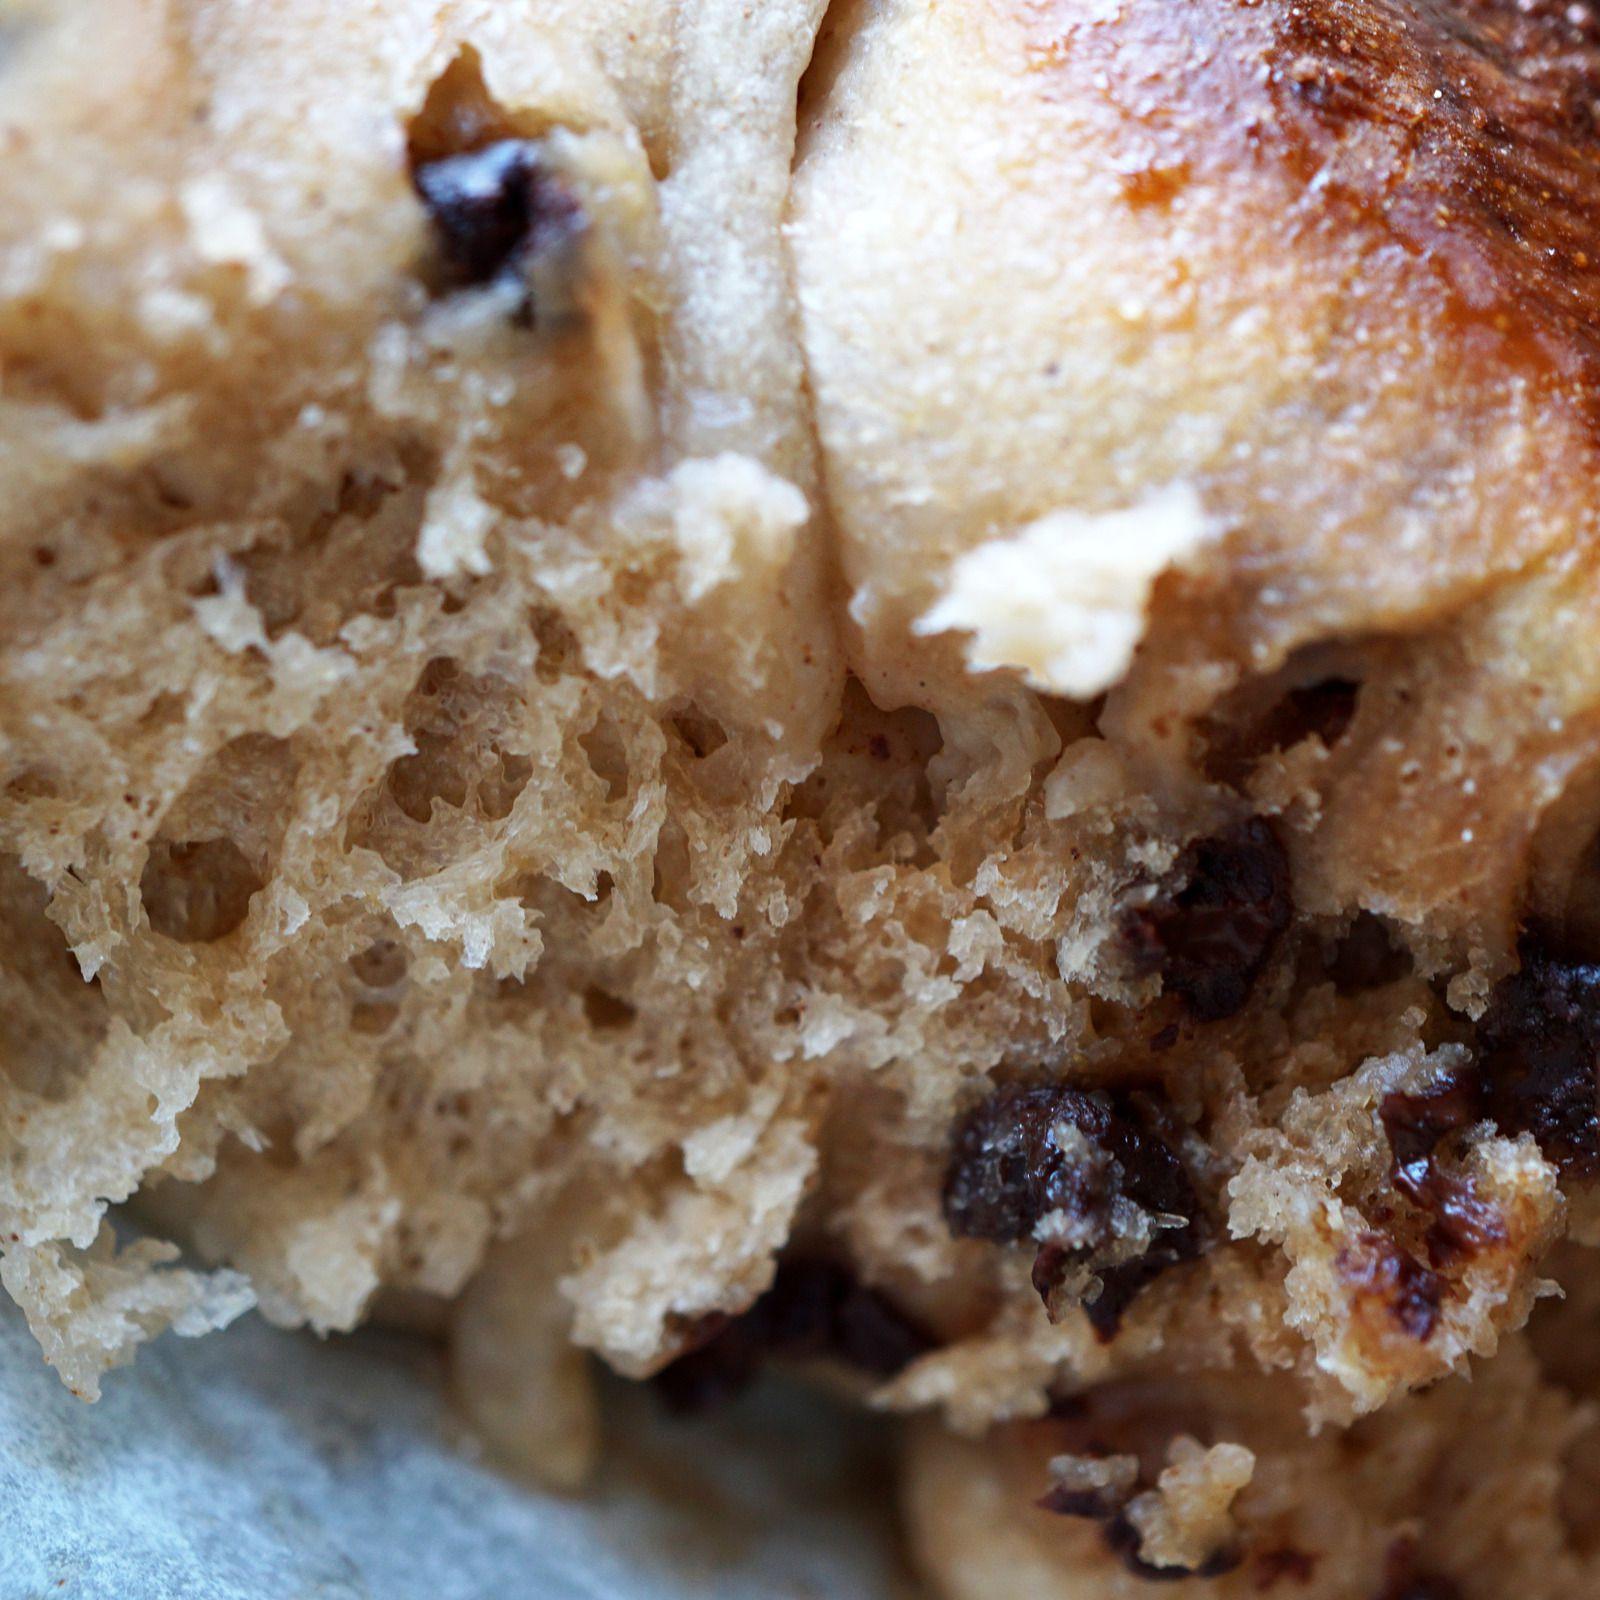 Hot cross buns à la farine de châtaigne et pépites de chocolat